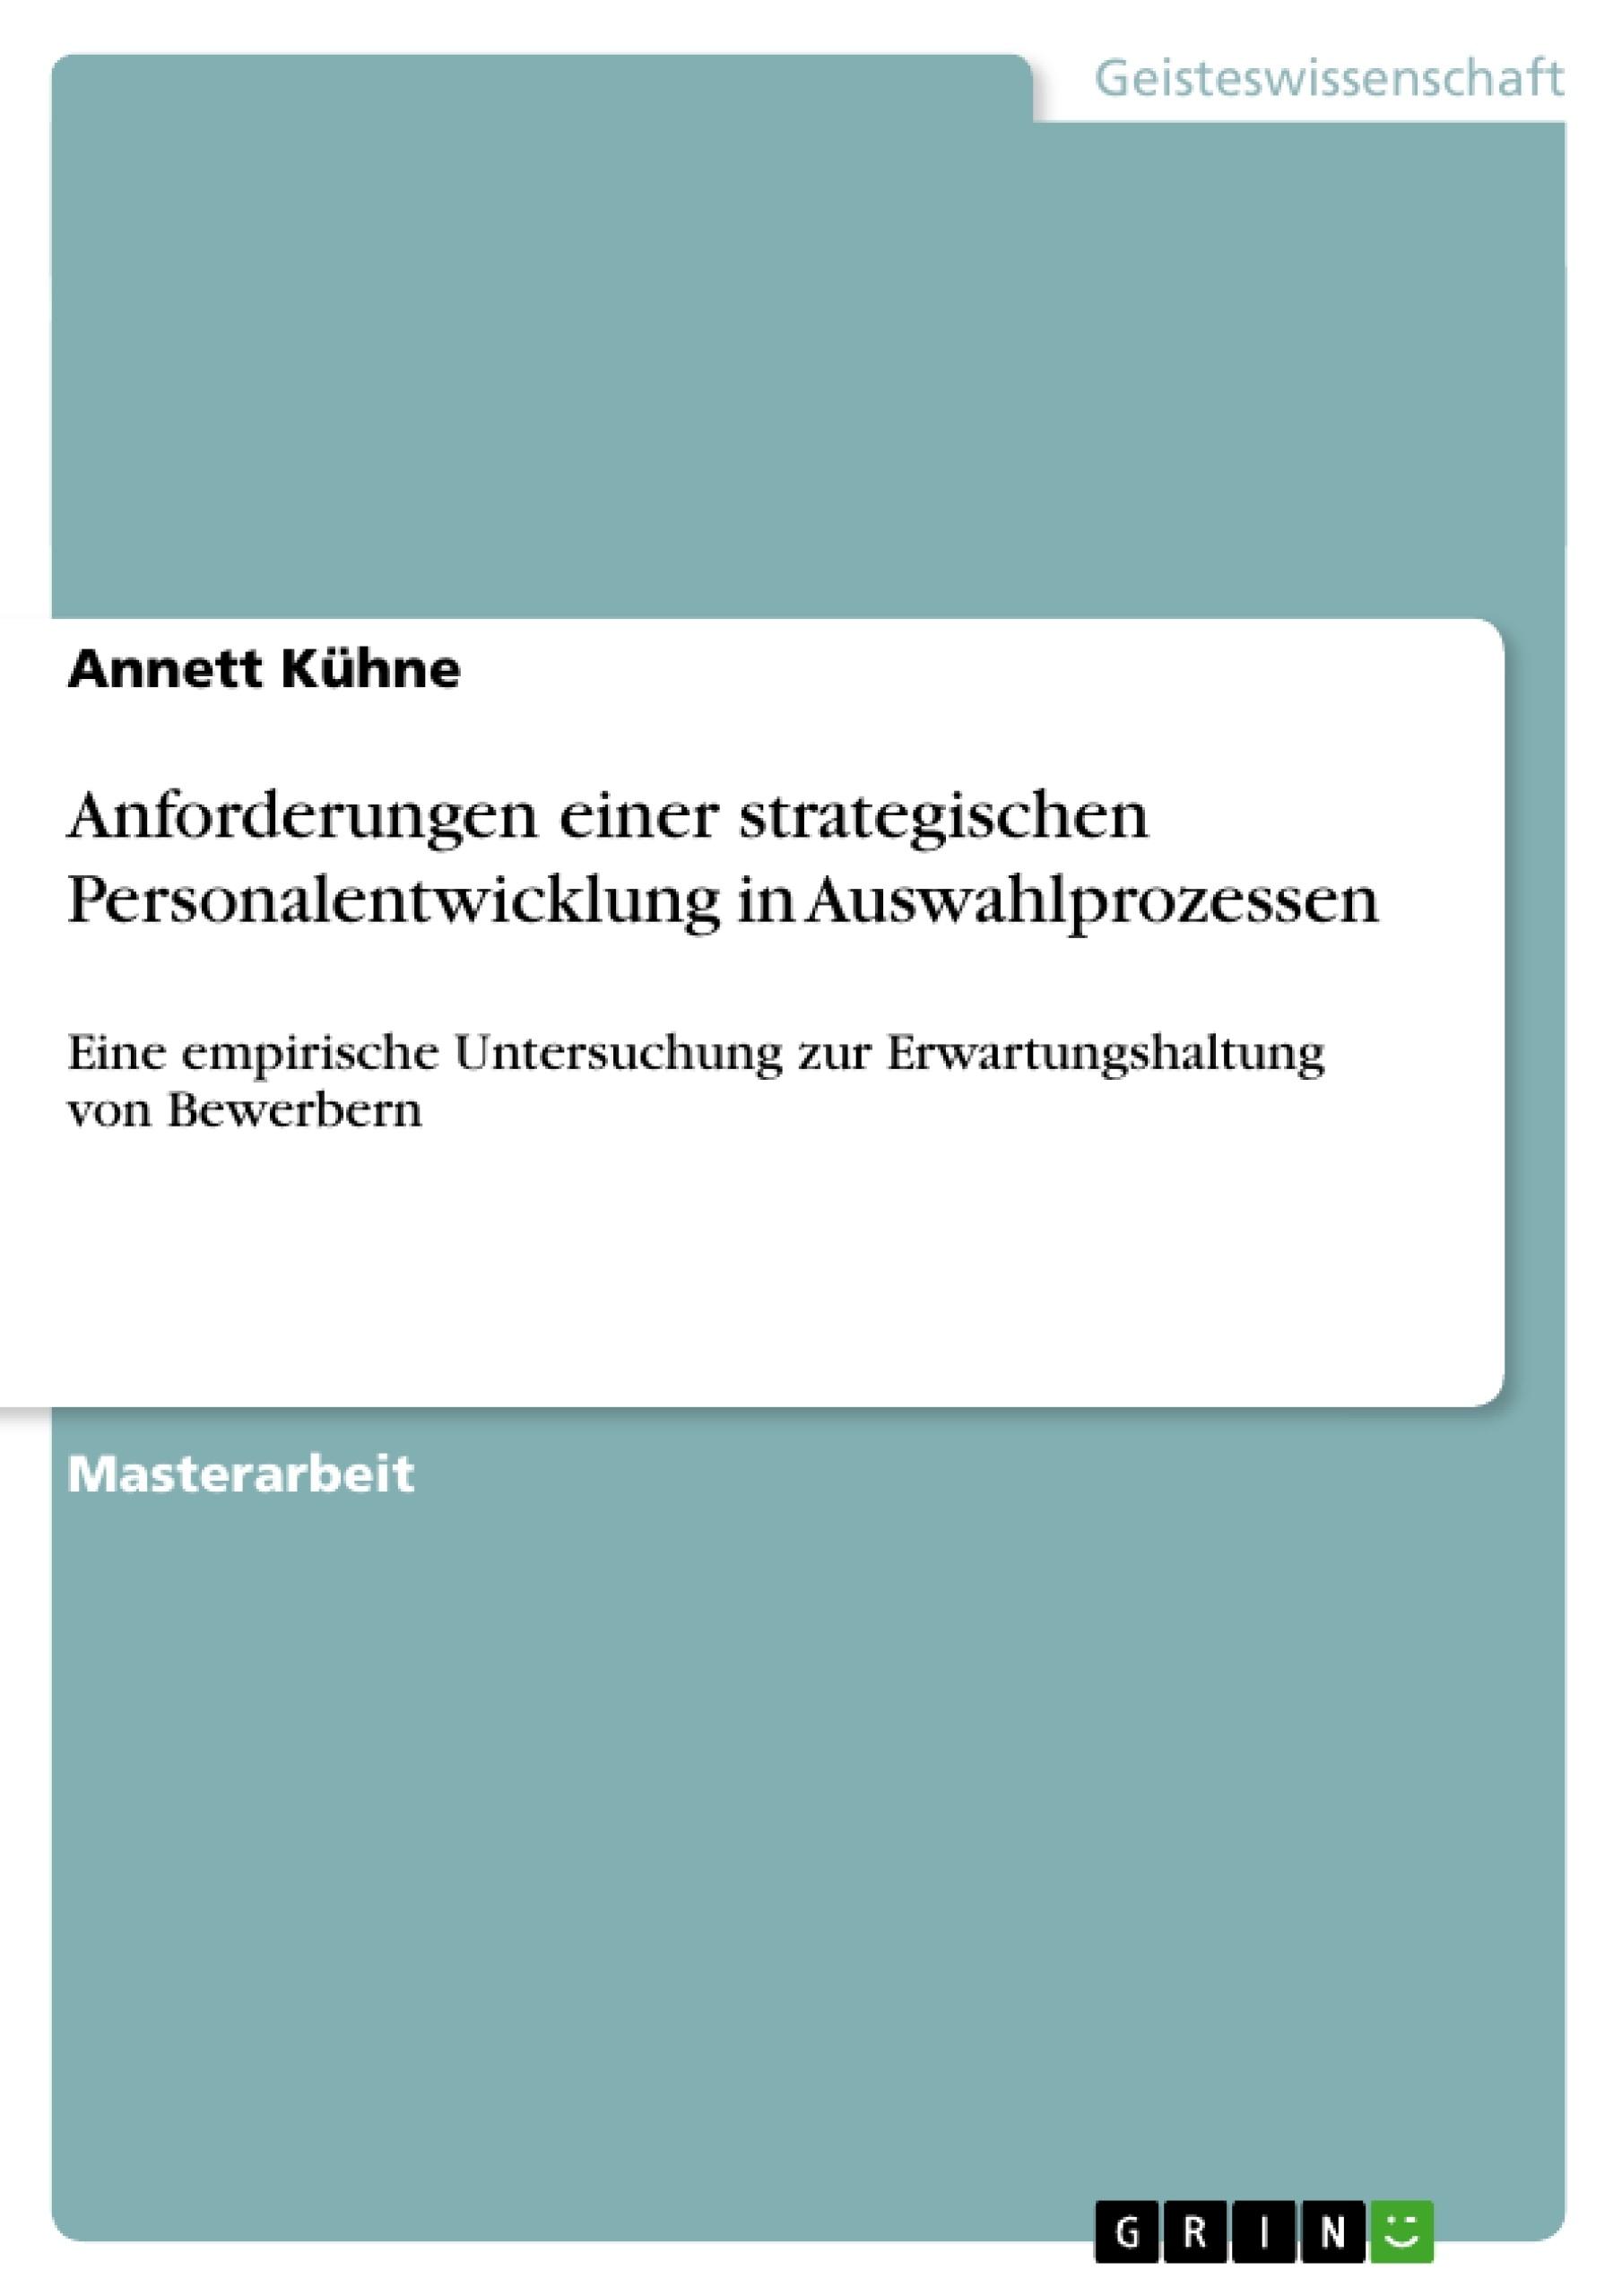 Titel: Anforderungen einer strategischen Personalentwicklung in Auswahlprozessen